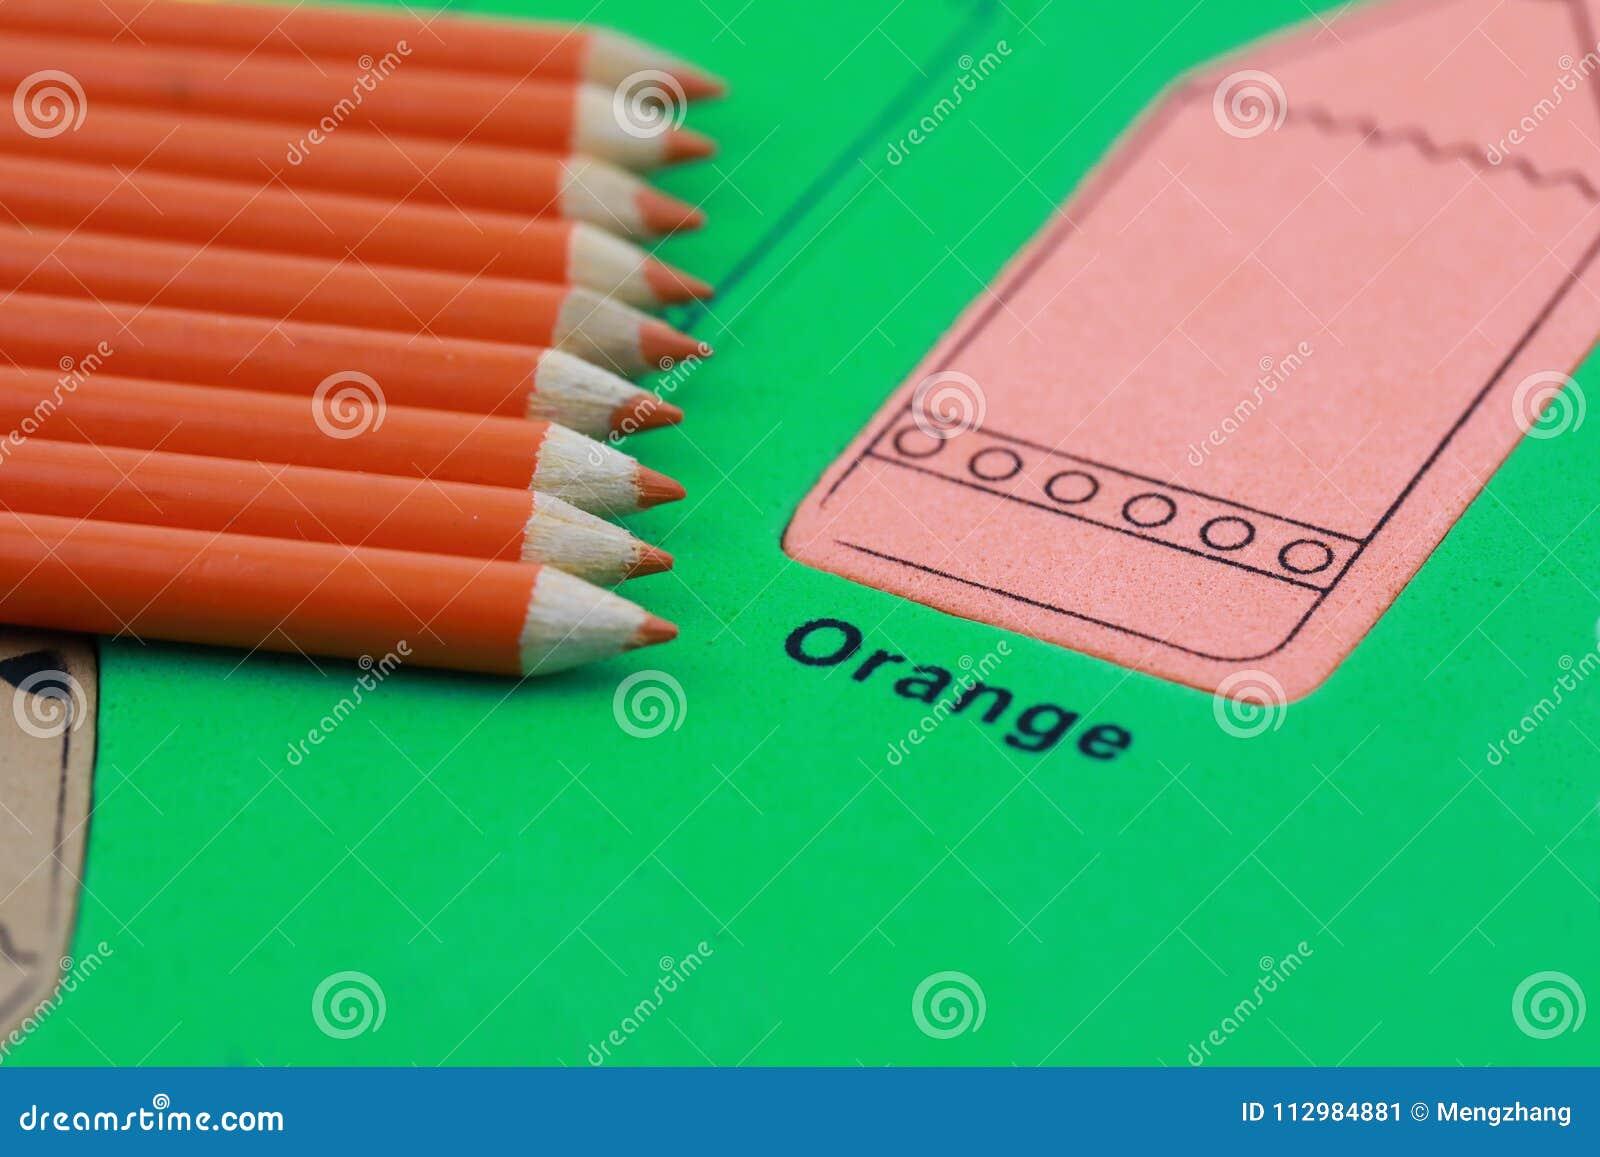 orange pencil crayon